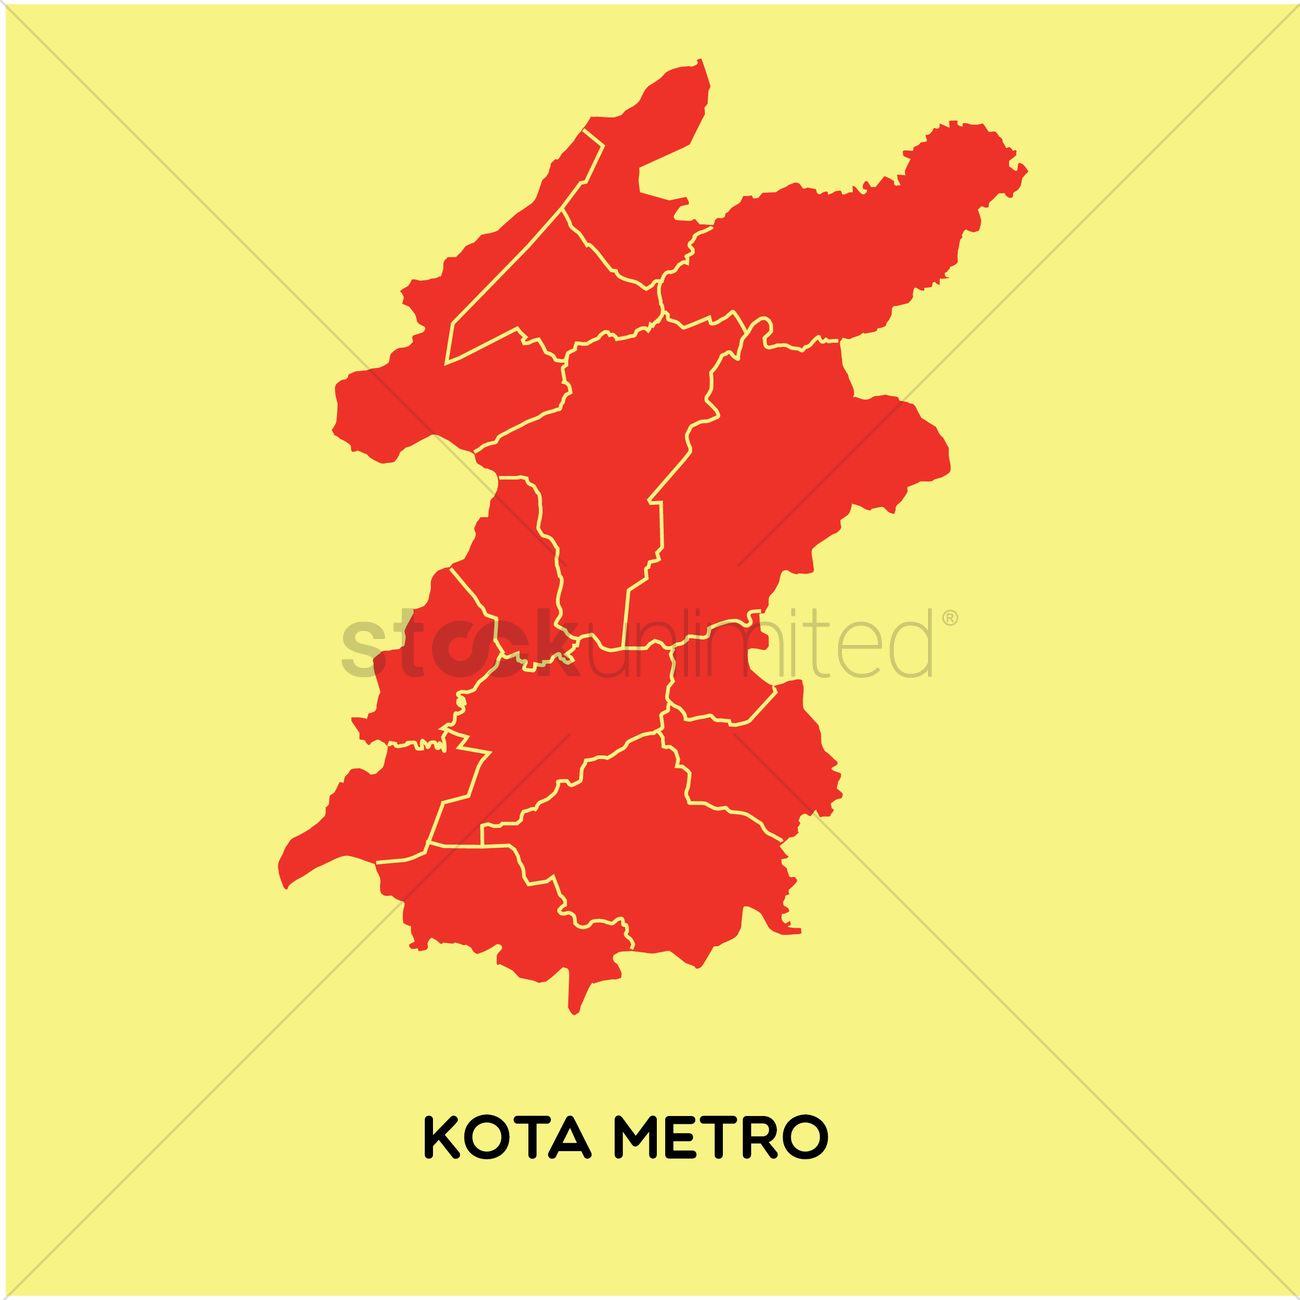 Map Of Kota Metro Vector Image 1480282 Stockunlimited